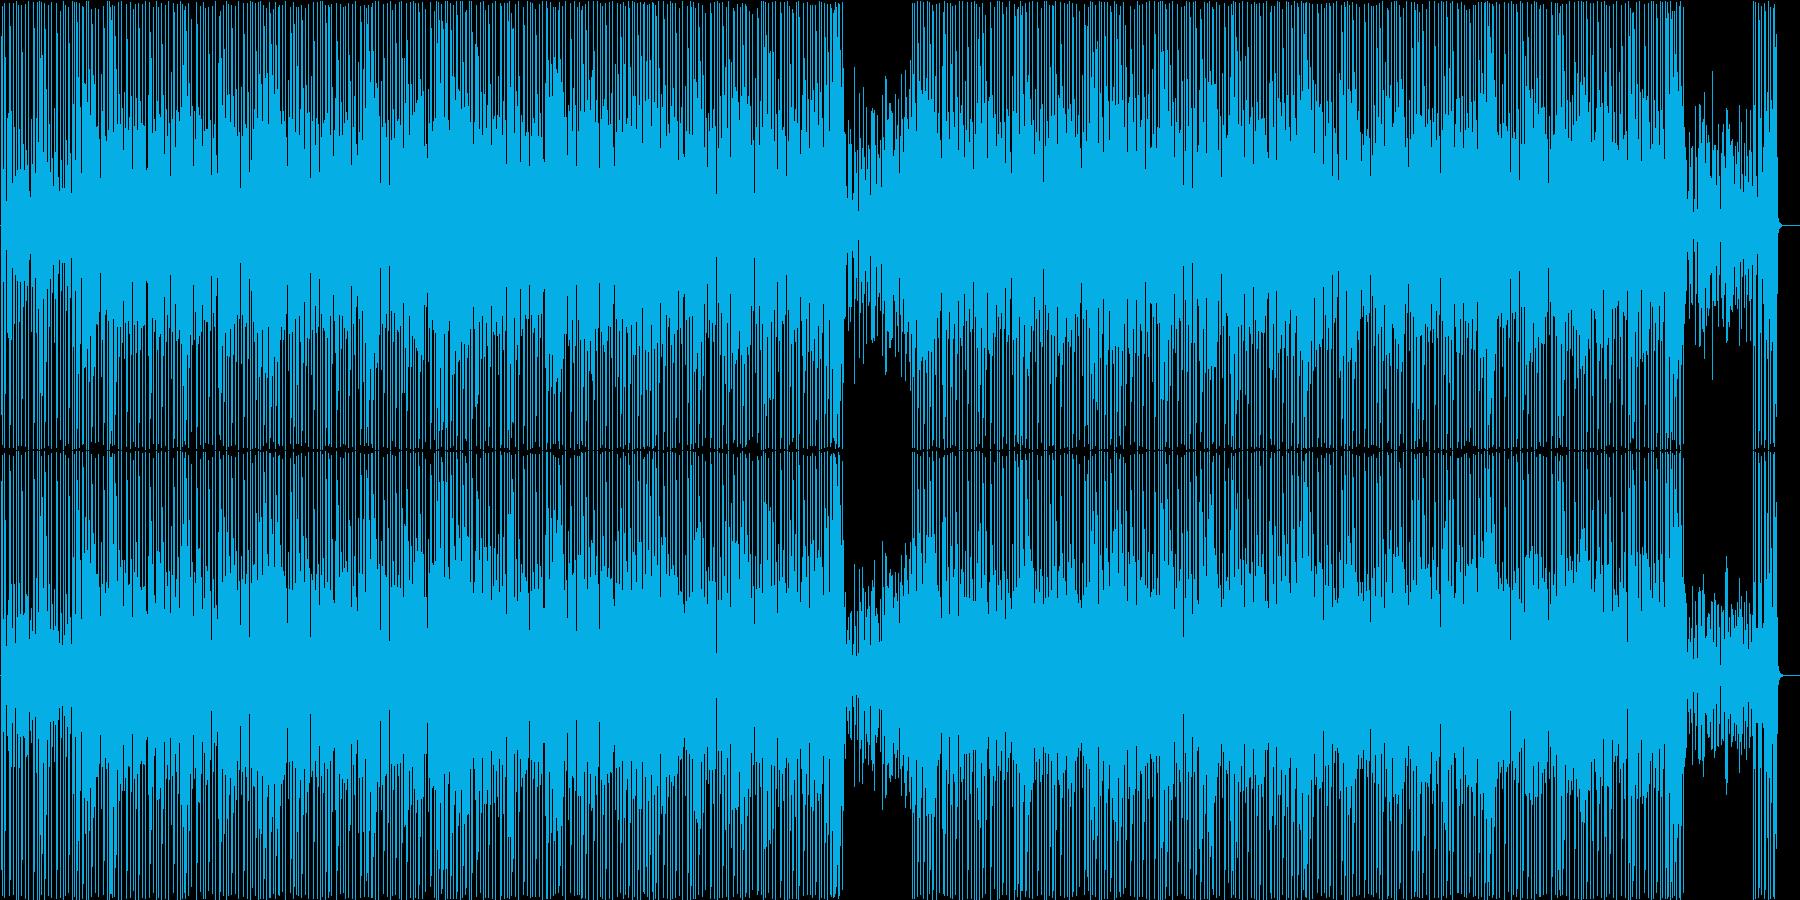 ウクレレをメインとした軽快なBGMです。の再生済みの波形